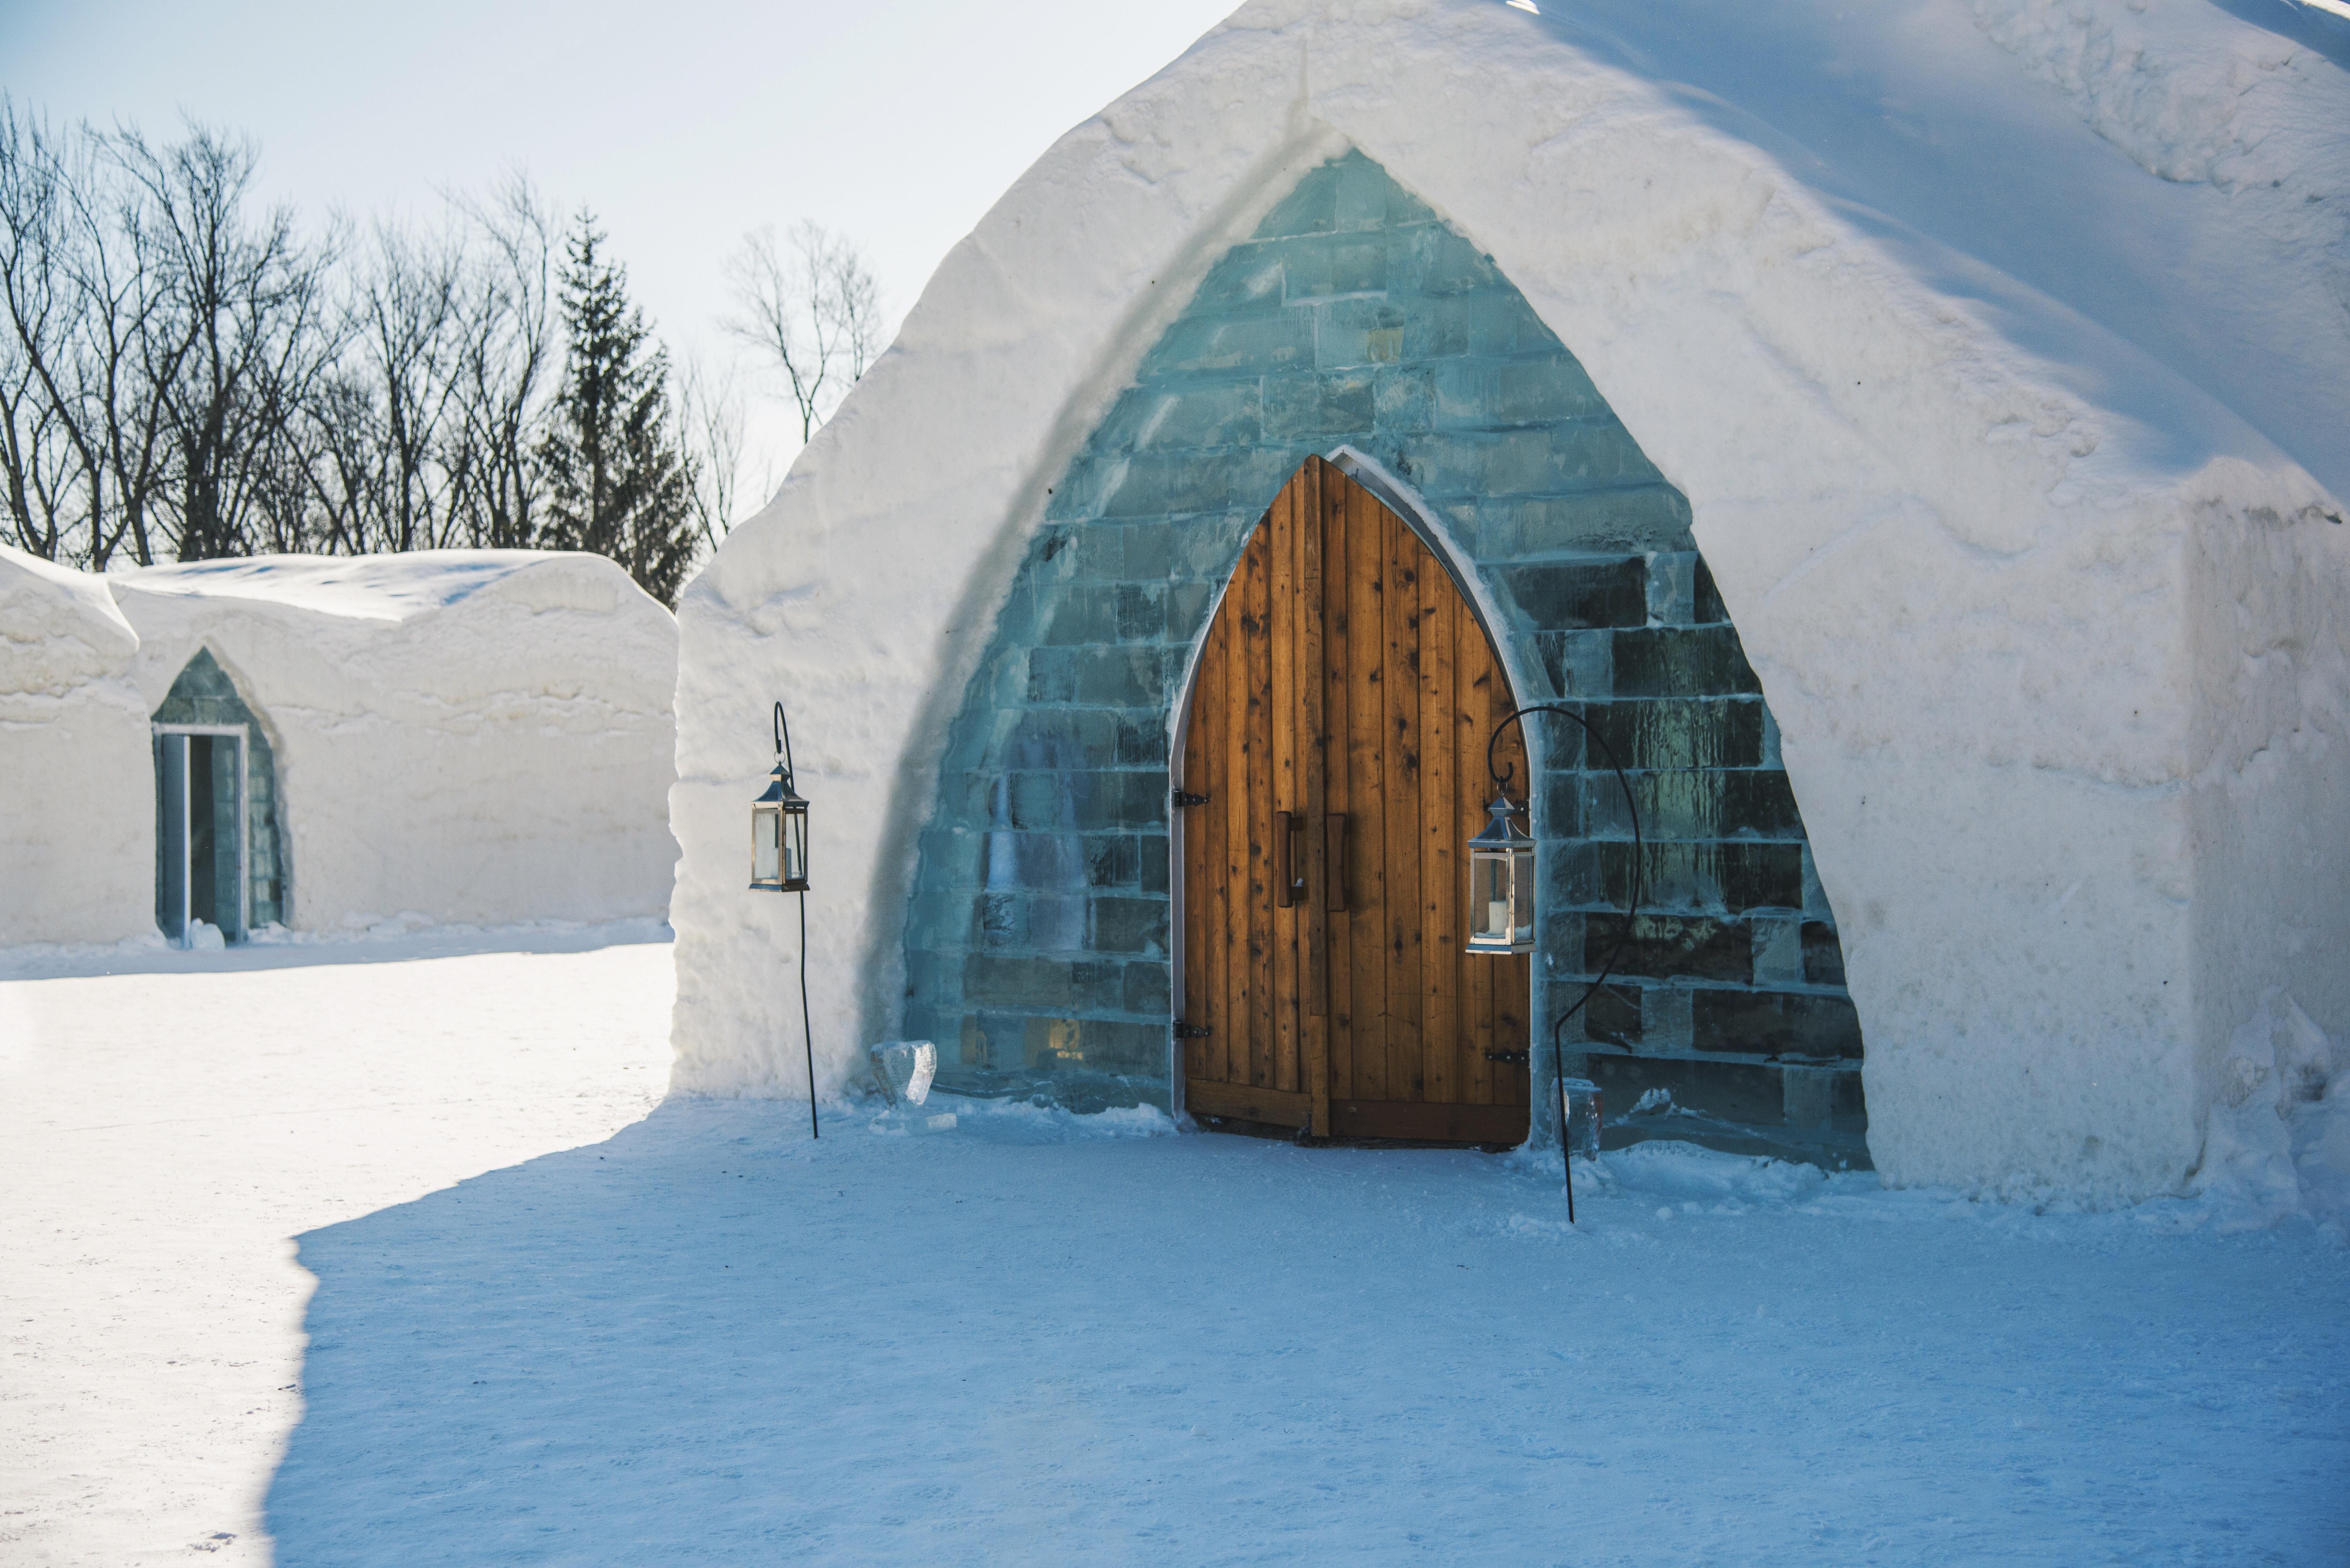 930 Koleksi Gambar Rumah Orang Eskimo HD